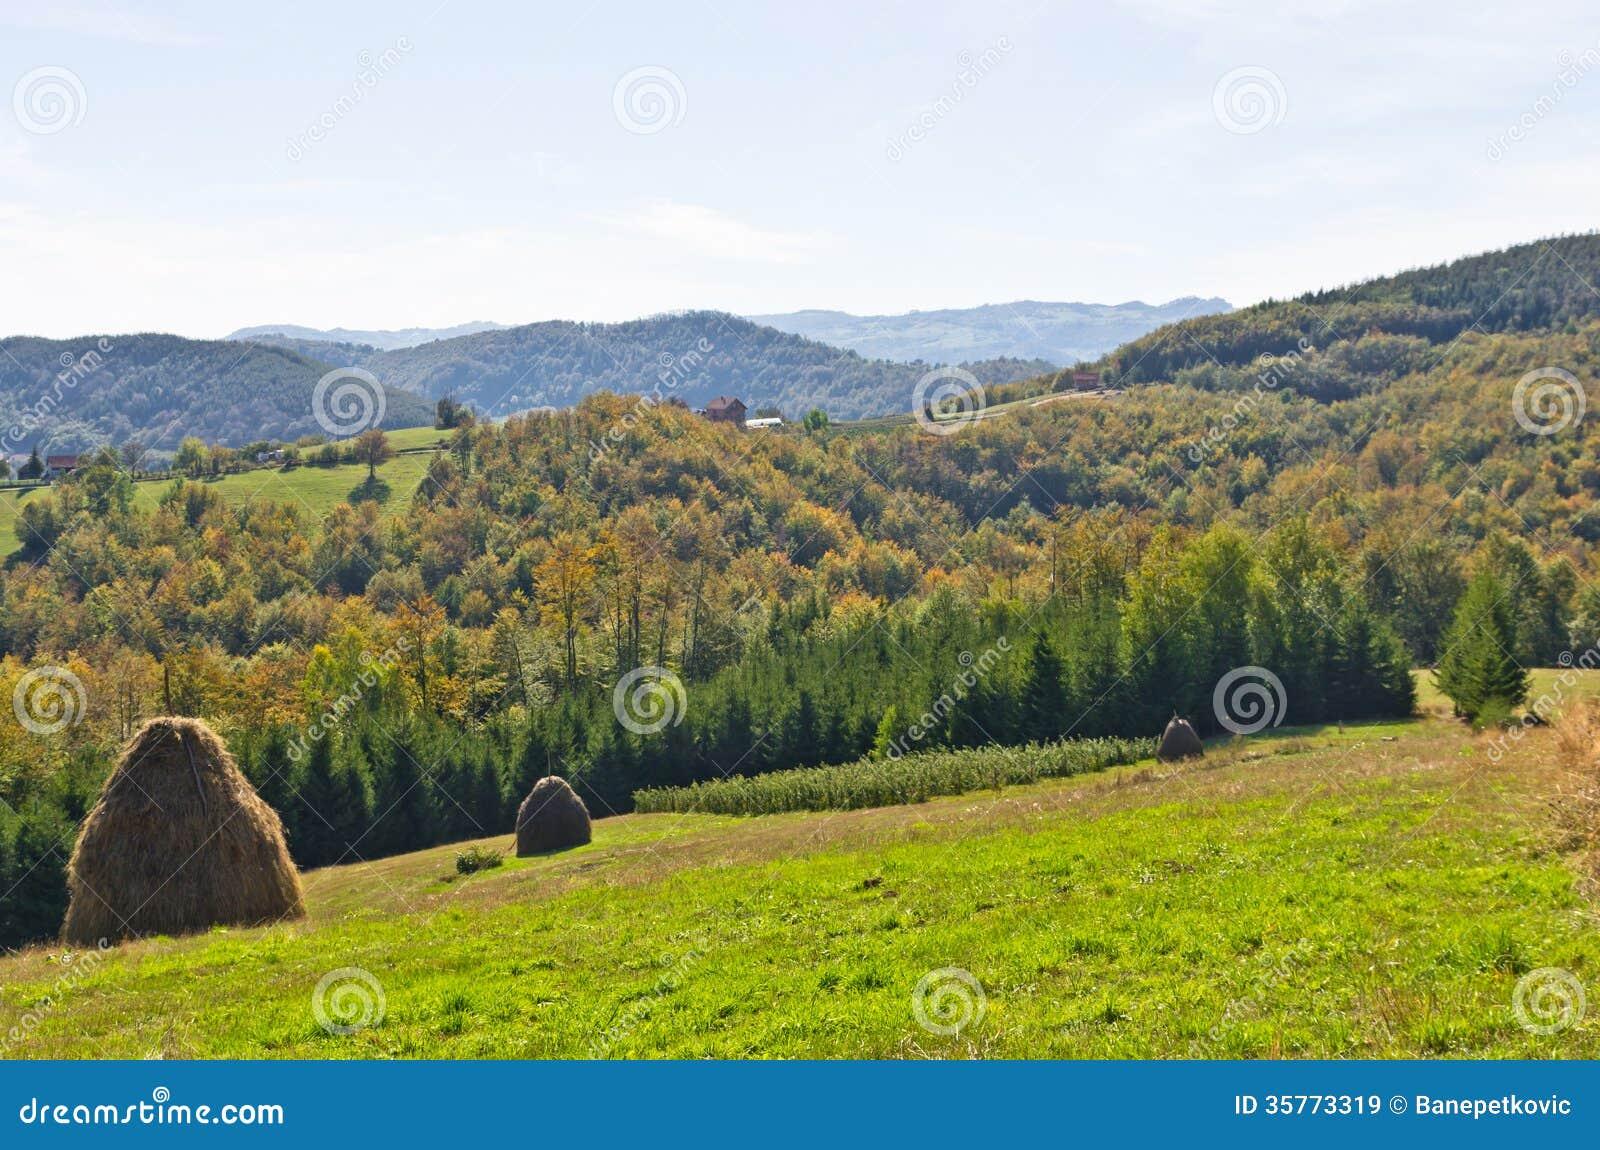 point de vue sur un paysage de b ti bobija de collines de meules de foin de pr s et d 39 arbres. Black Bedroom Furniture Sets. Home Design Ideas